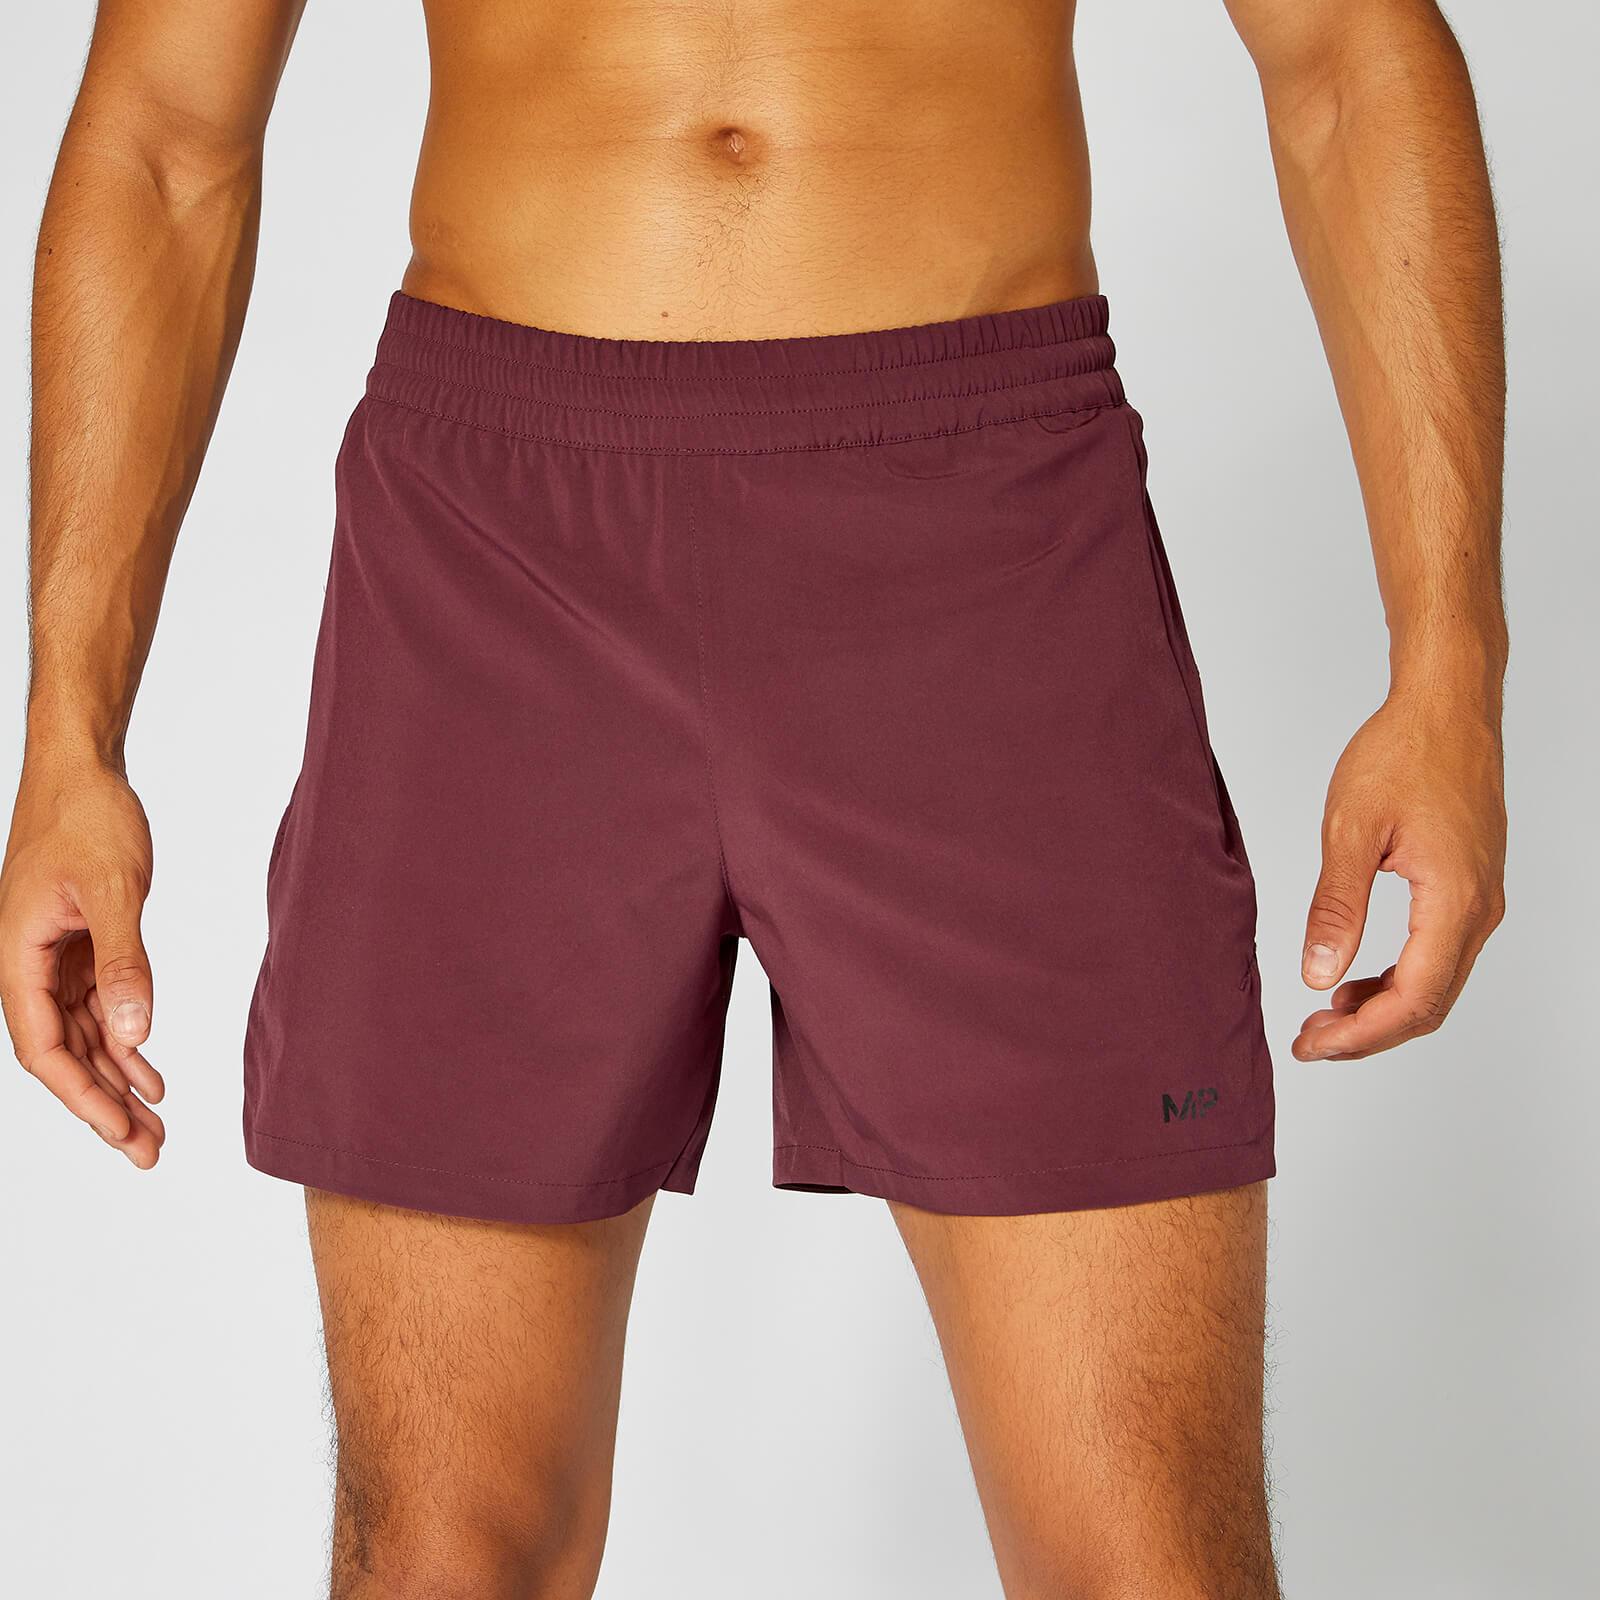 Myprotein Sprint 5 Inch Shorts - Oxblood - XL